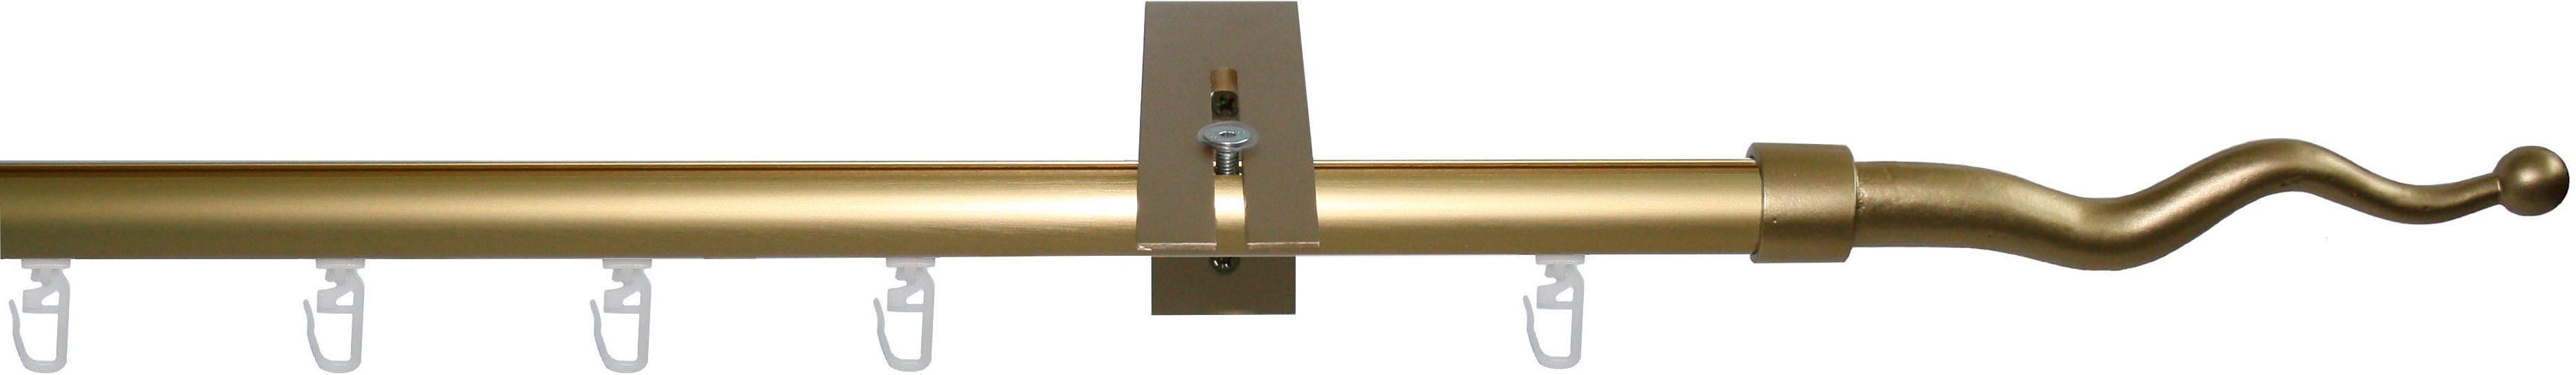 Gardinenstange mit Innenlauf nach Maß ø 20 mm, Garesa, »Battu«